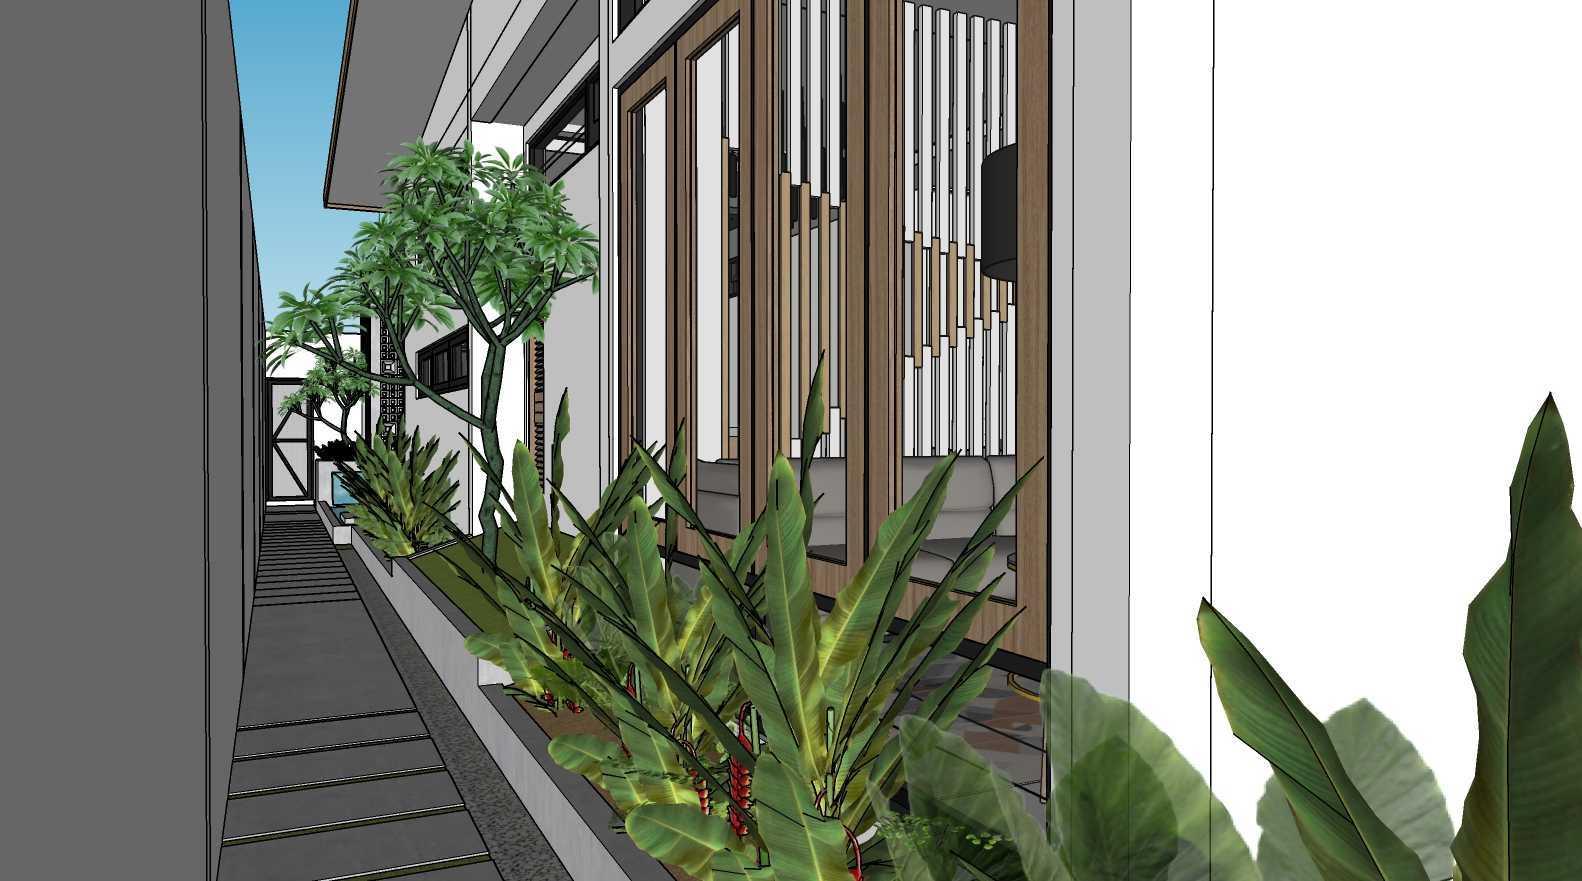 Aesthetic-In Atelier Casa De Elin Kec. Cibeureum, Tasikmalaya, Jawa Barat, Indonesia Kec. Cibeureum, Tasikmalaya, Jawa Barat, Indonesia Aesthetic-In-Atelier-Casa-De-Elin   95196